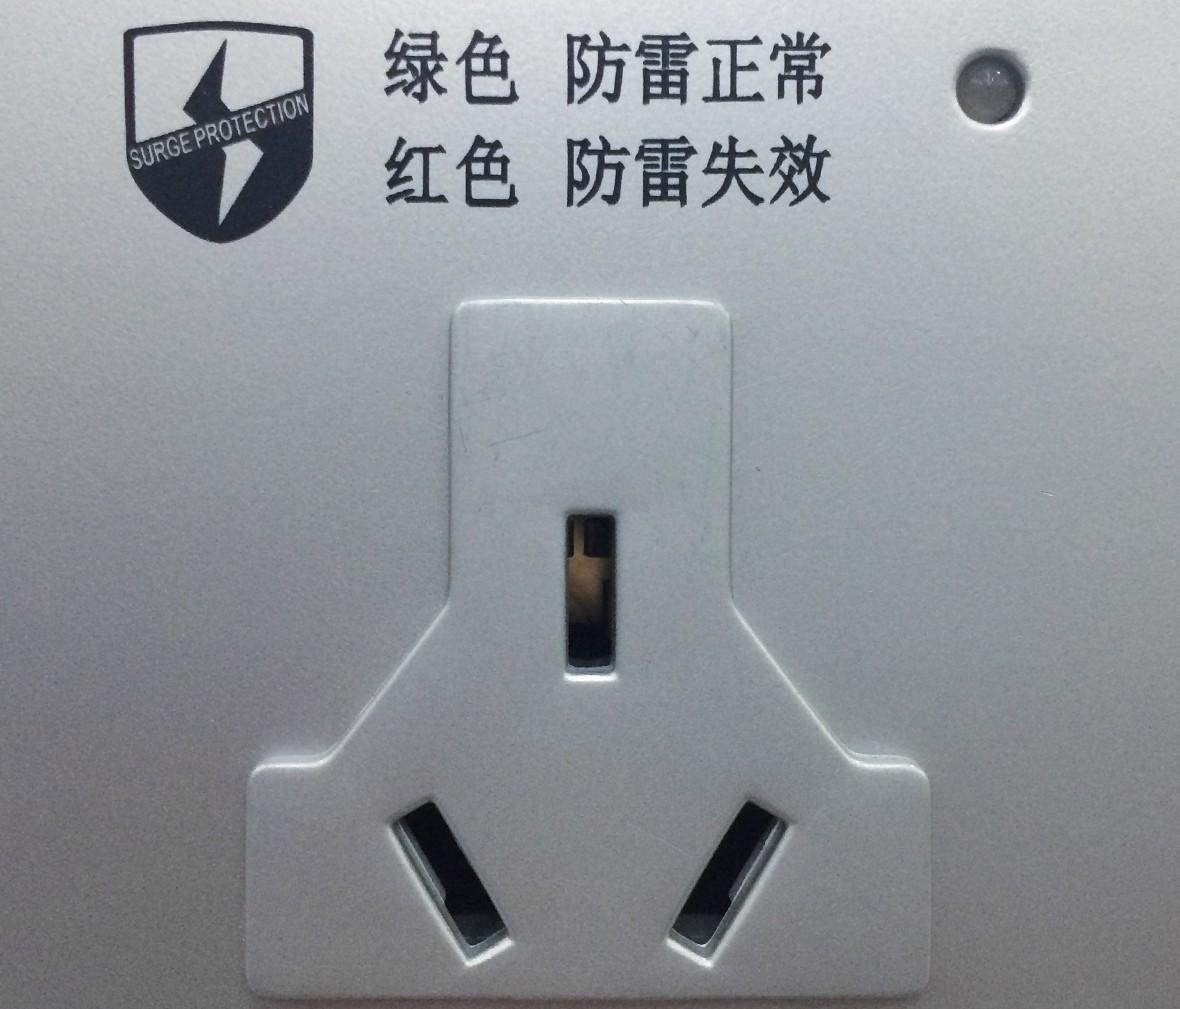 ABB 德艺系列银灰三孔防雷插座 电源插座 三孔插座 ABS材质 细节